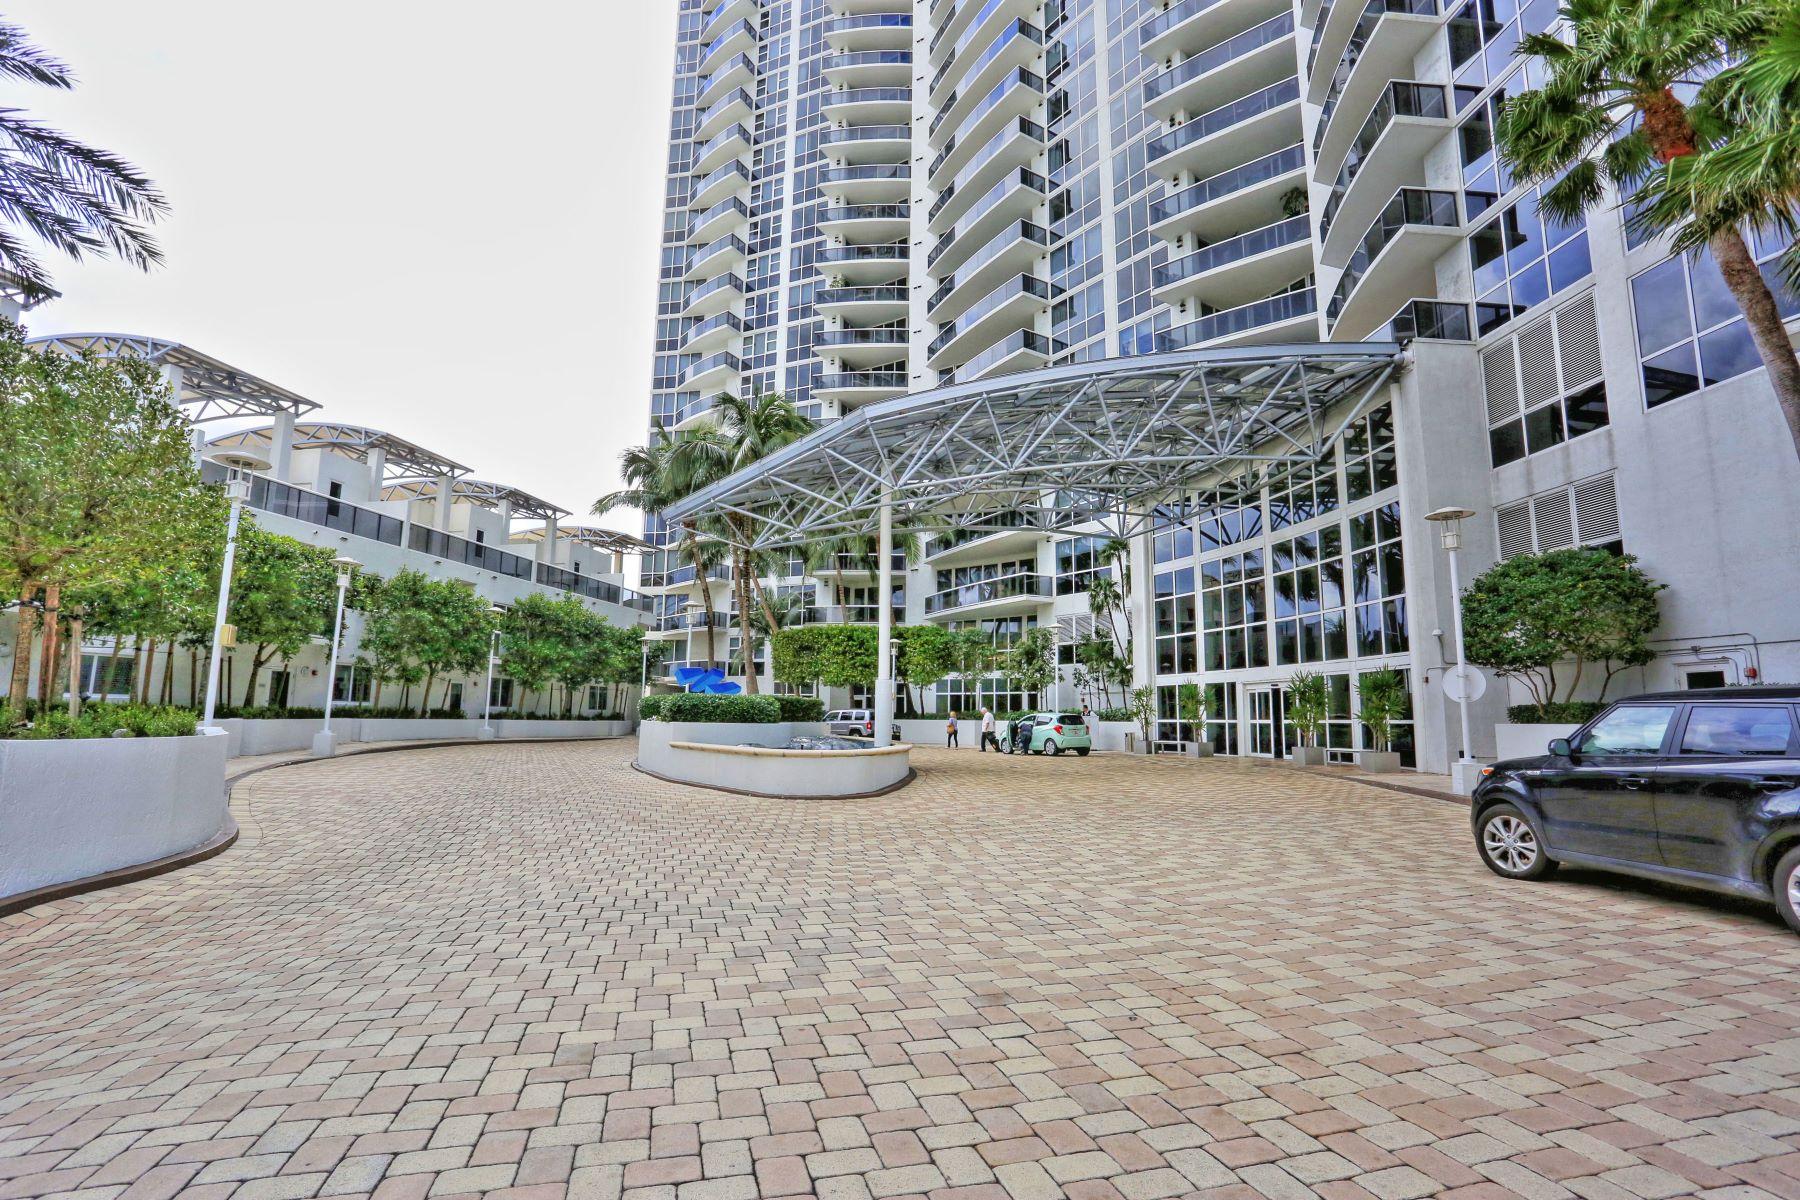 Condominium for Sale at 400 Alton Road Miami Beach, Florida, 33139 United States